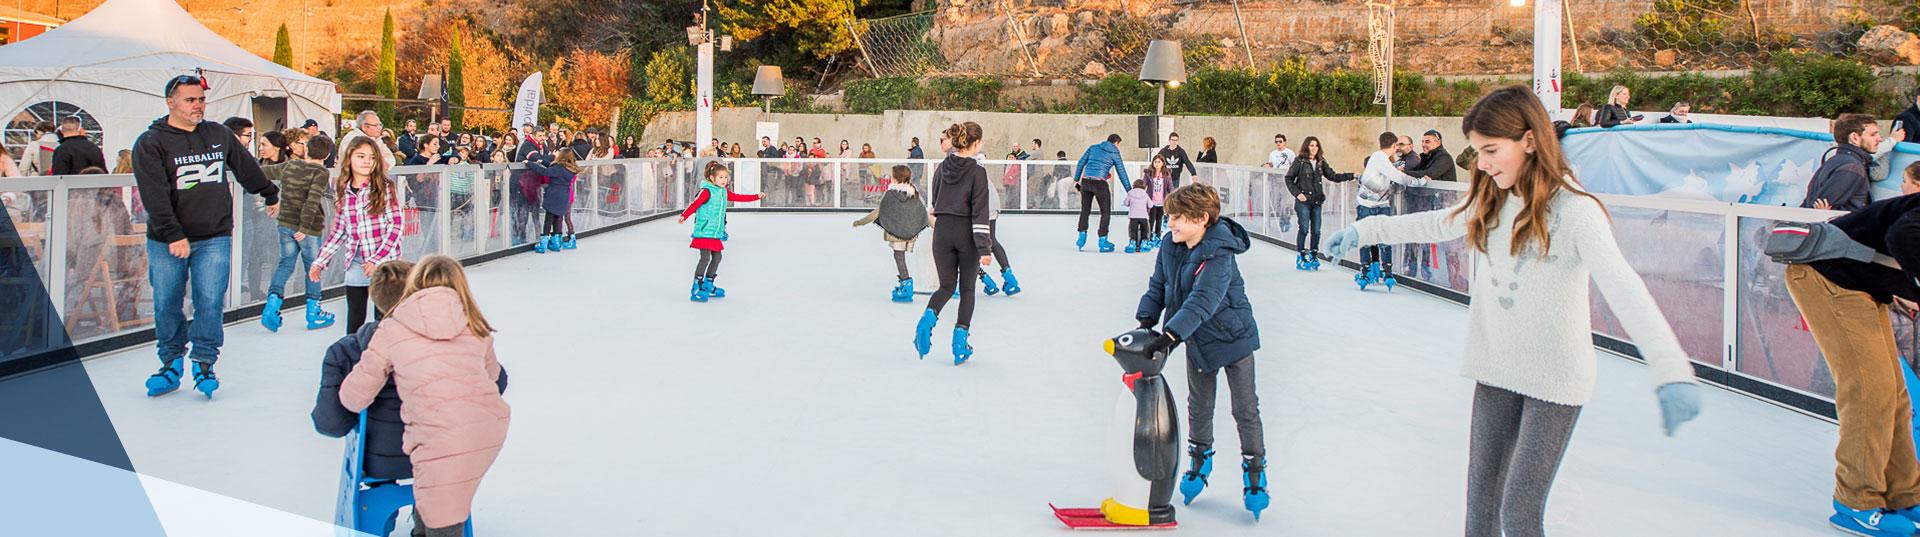 Piste di pattinaggio sul ghiaccio sintetico per il tempo libero